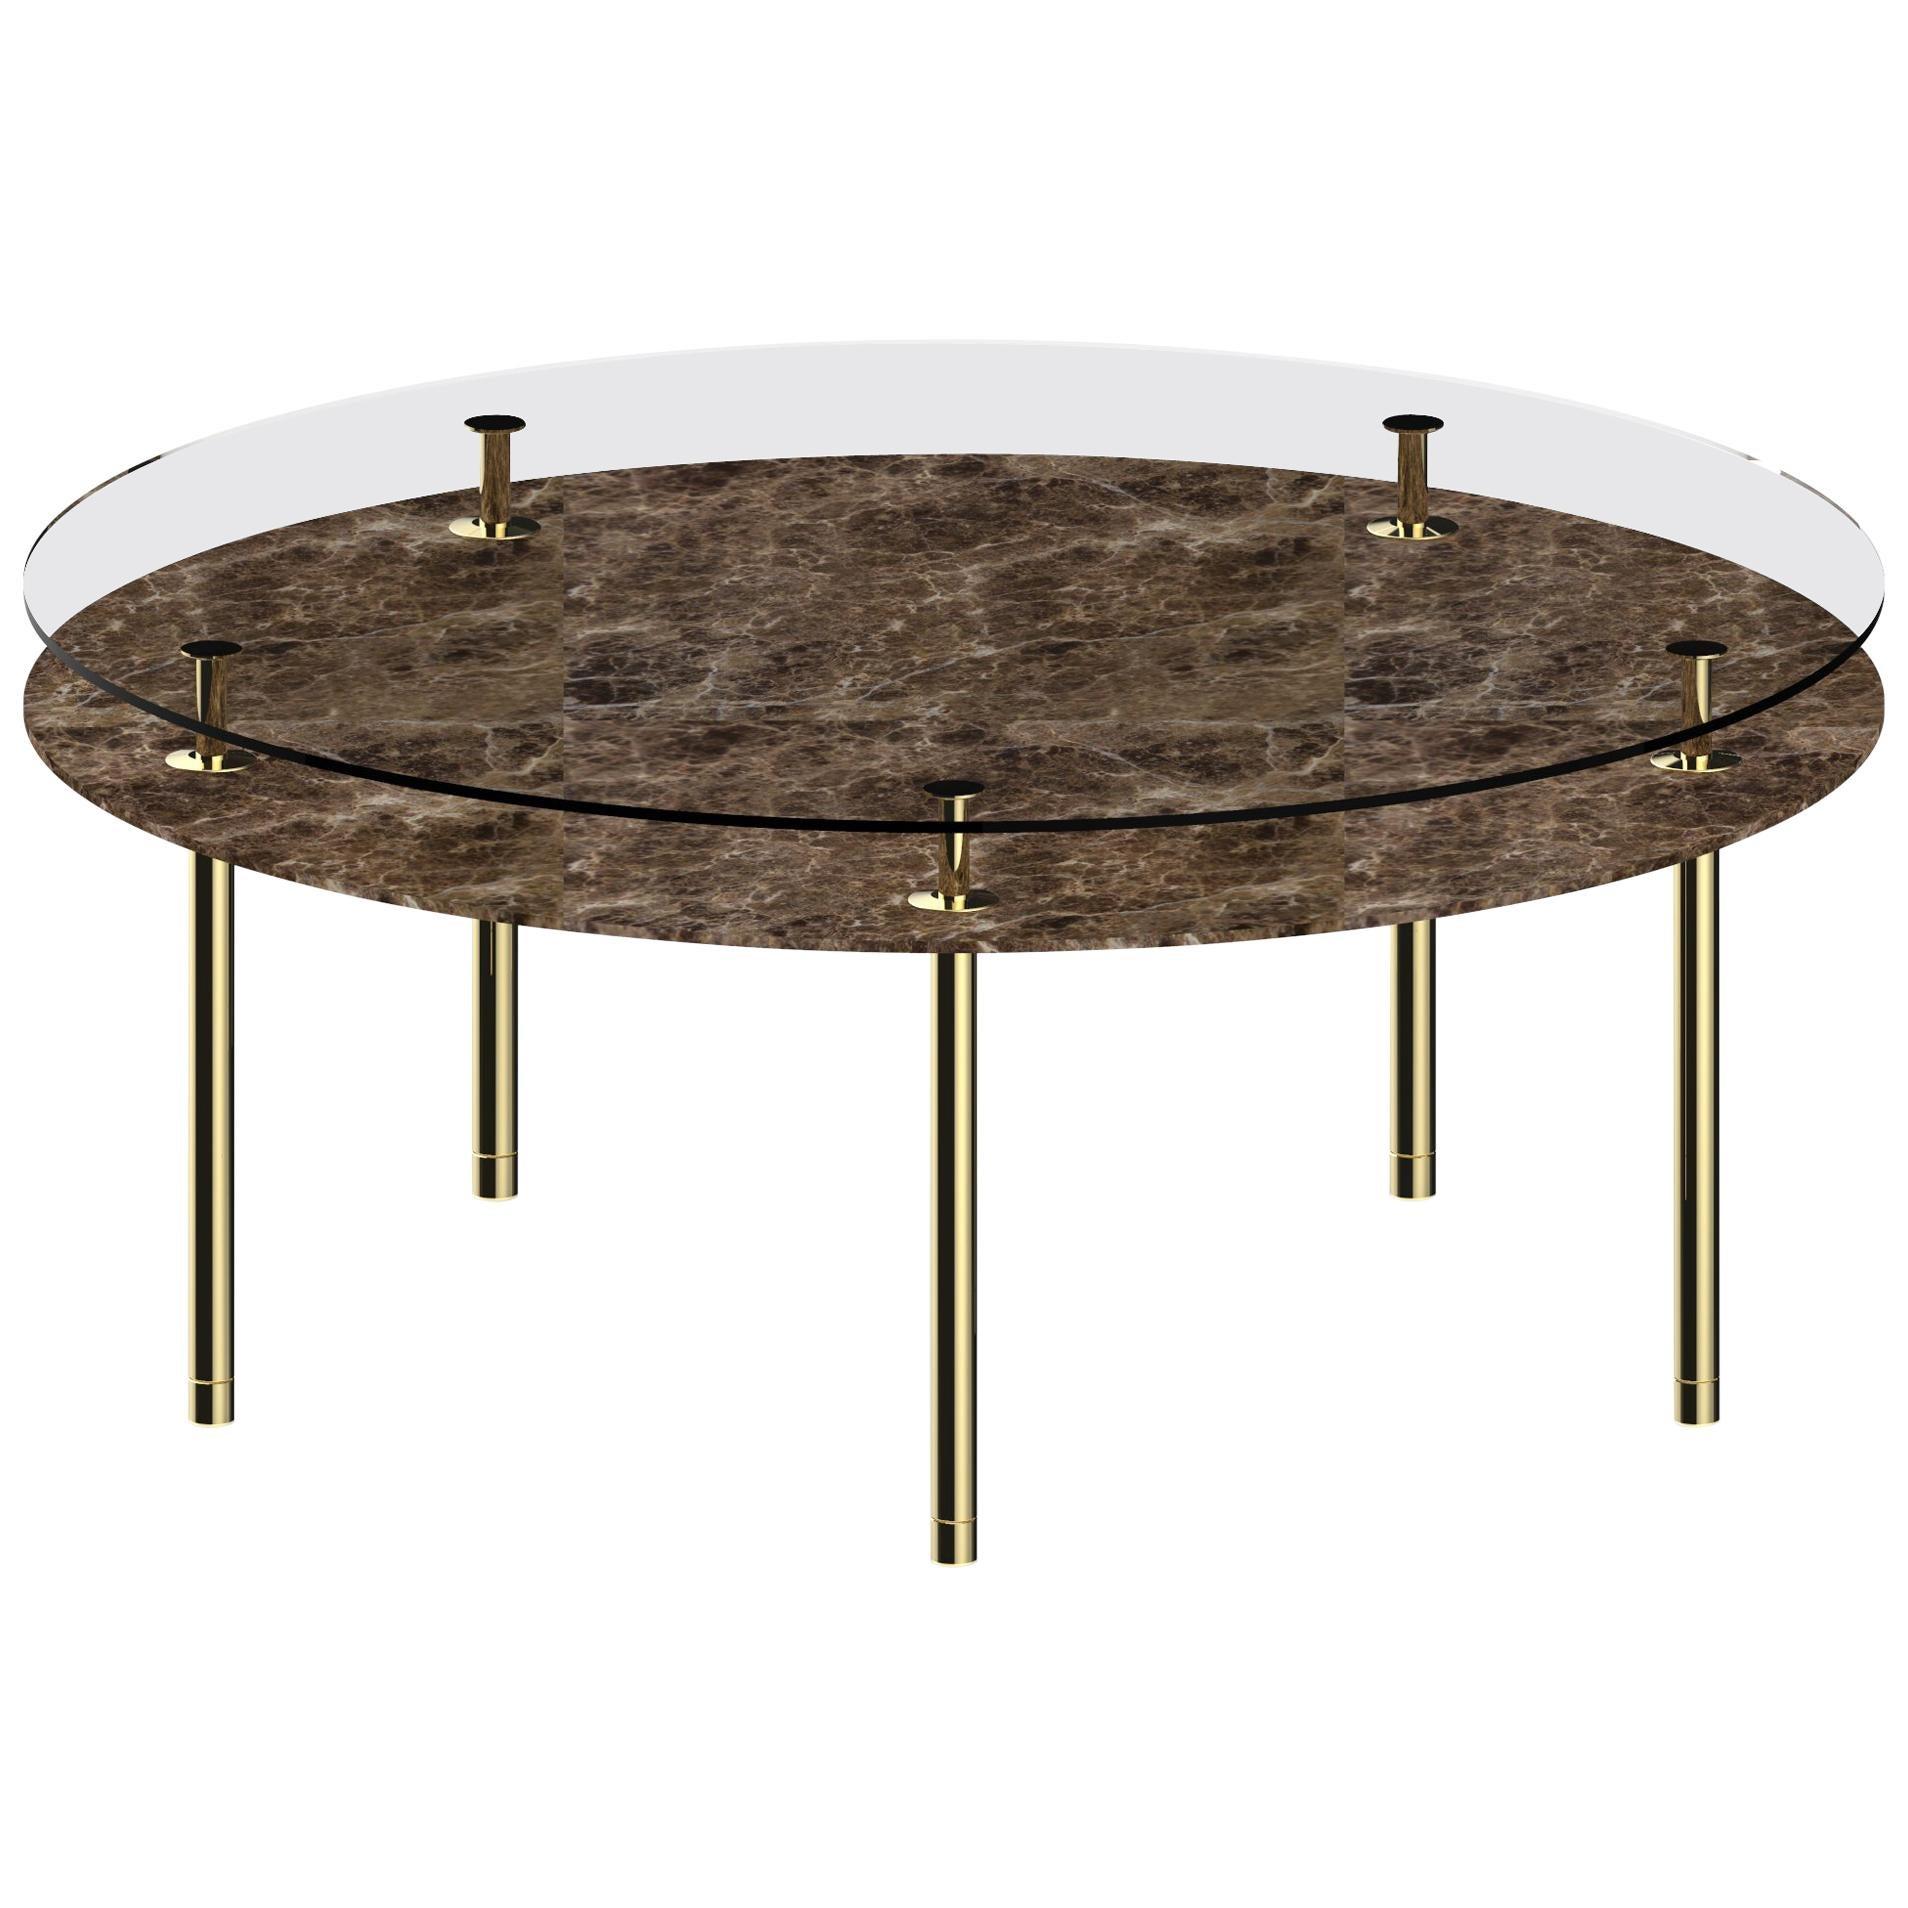 Ghidini 1961 Large Legs Round Table in Emperador Dark by Paolo Rizzatto